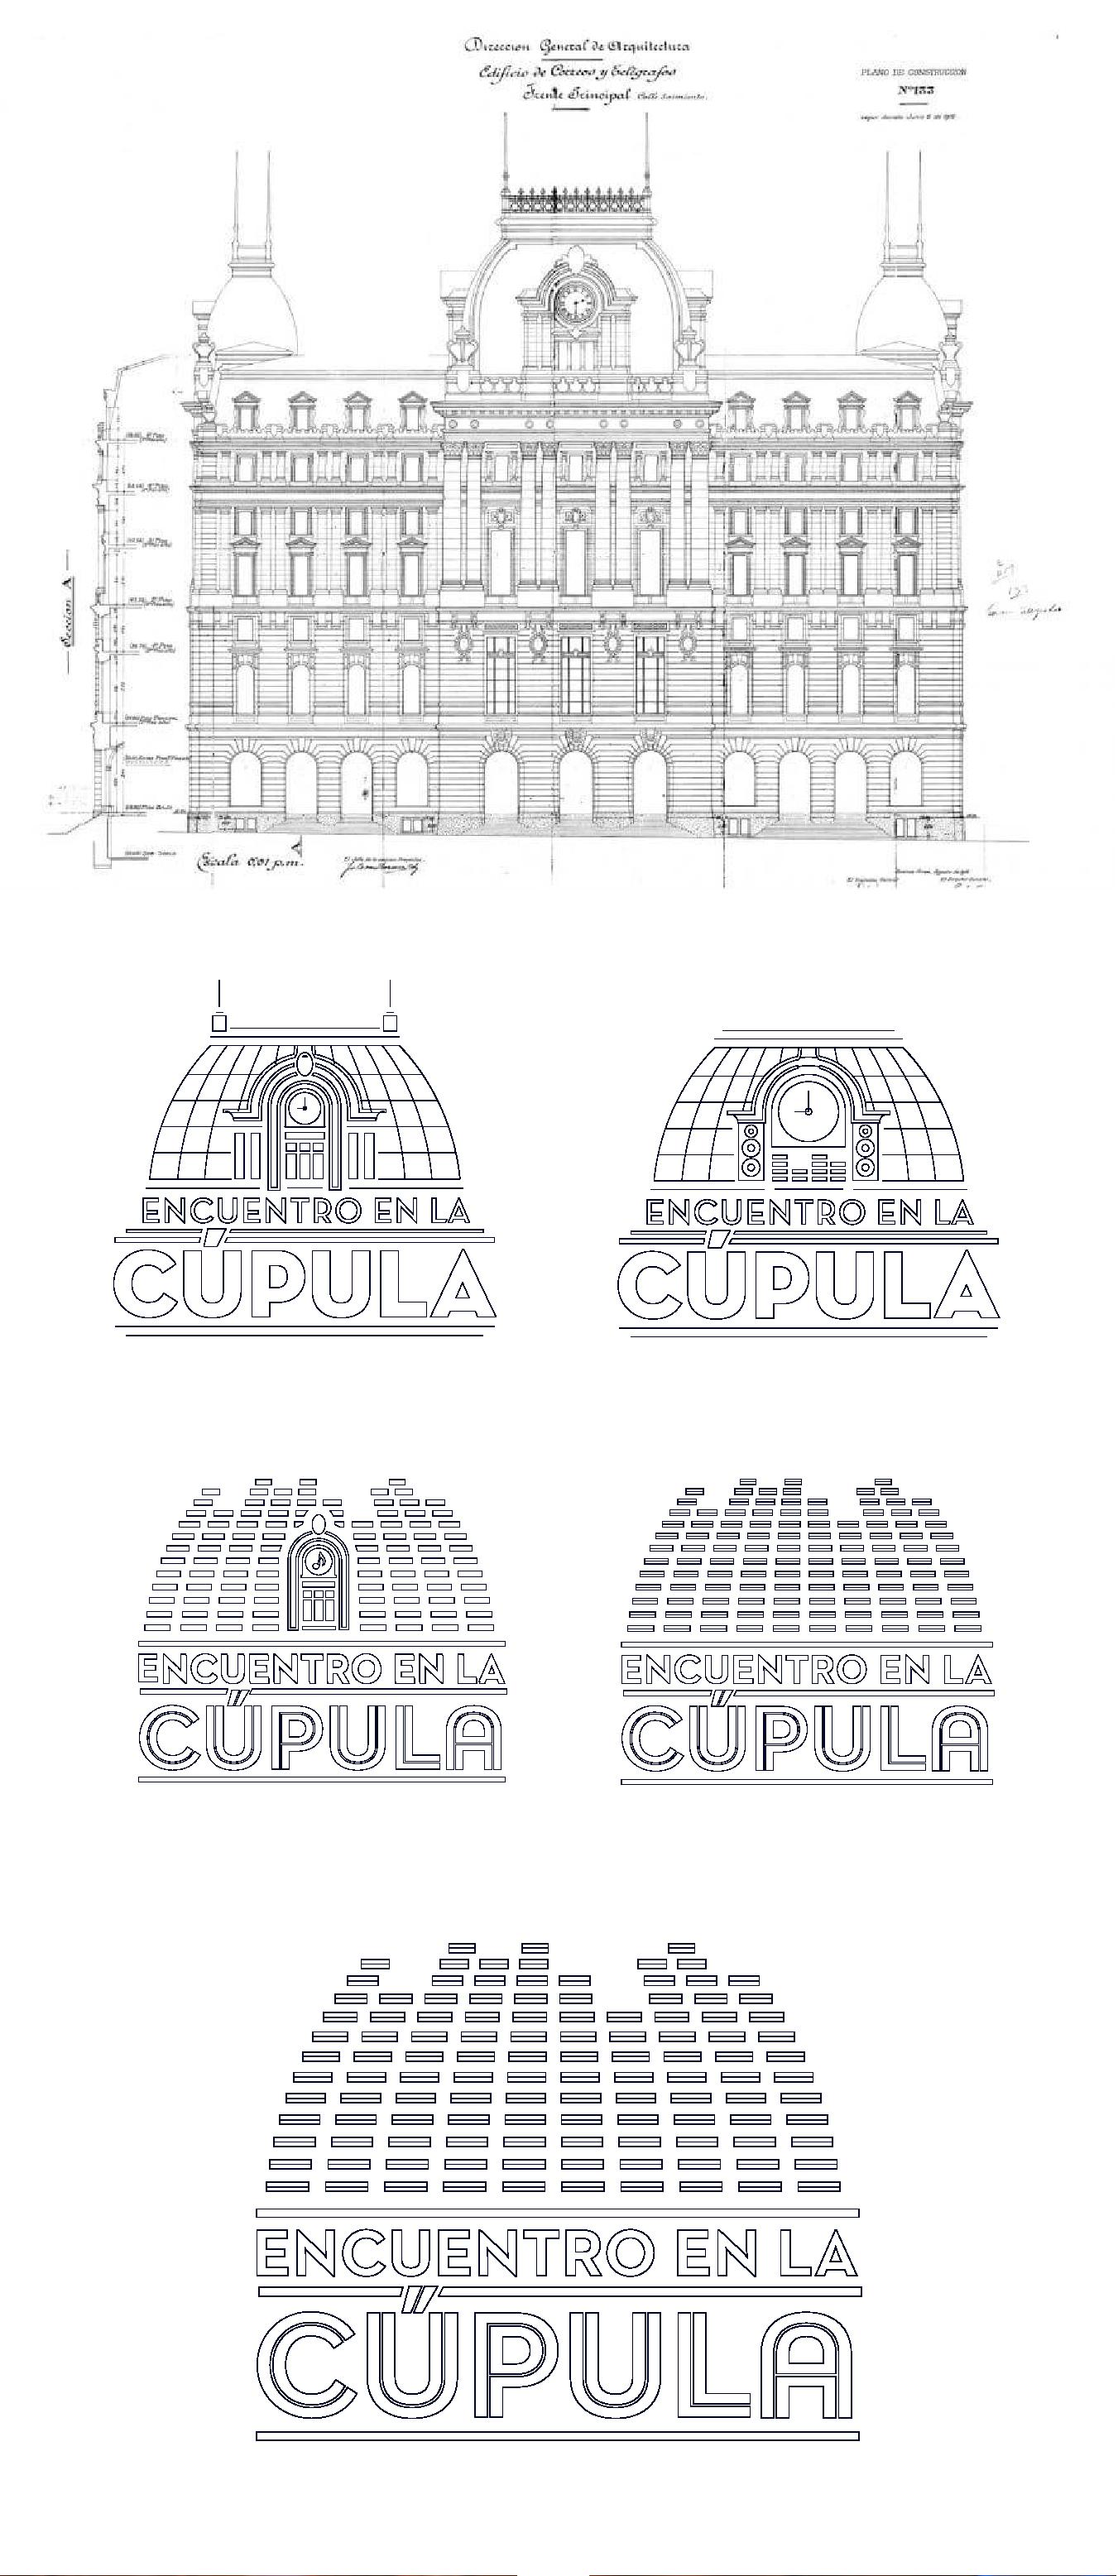 Encuentro en la cupula - web-02